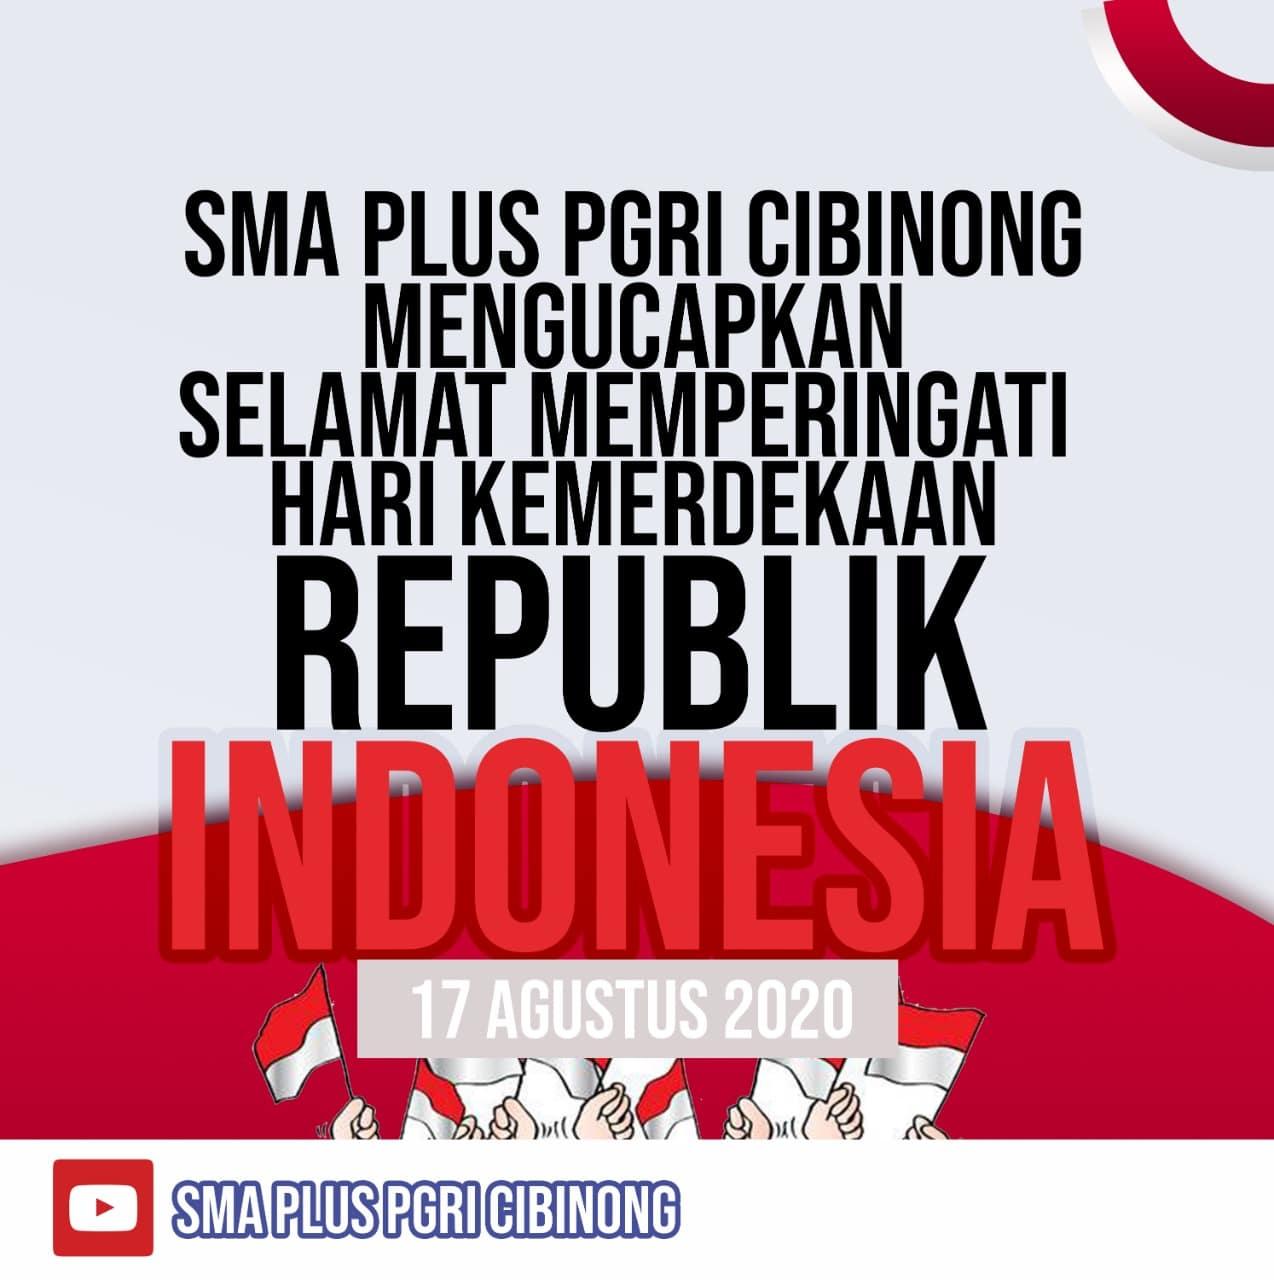 Hut Republik Indonesia Ke 75 Sma Plus Pgri Cibinong